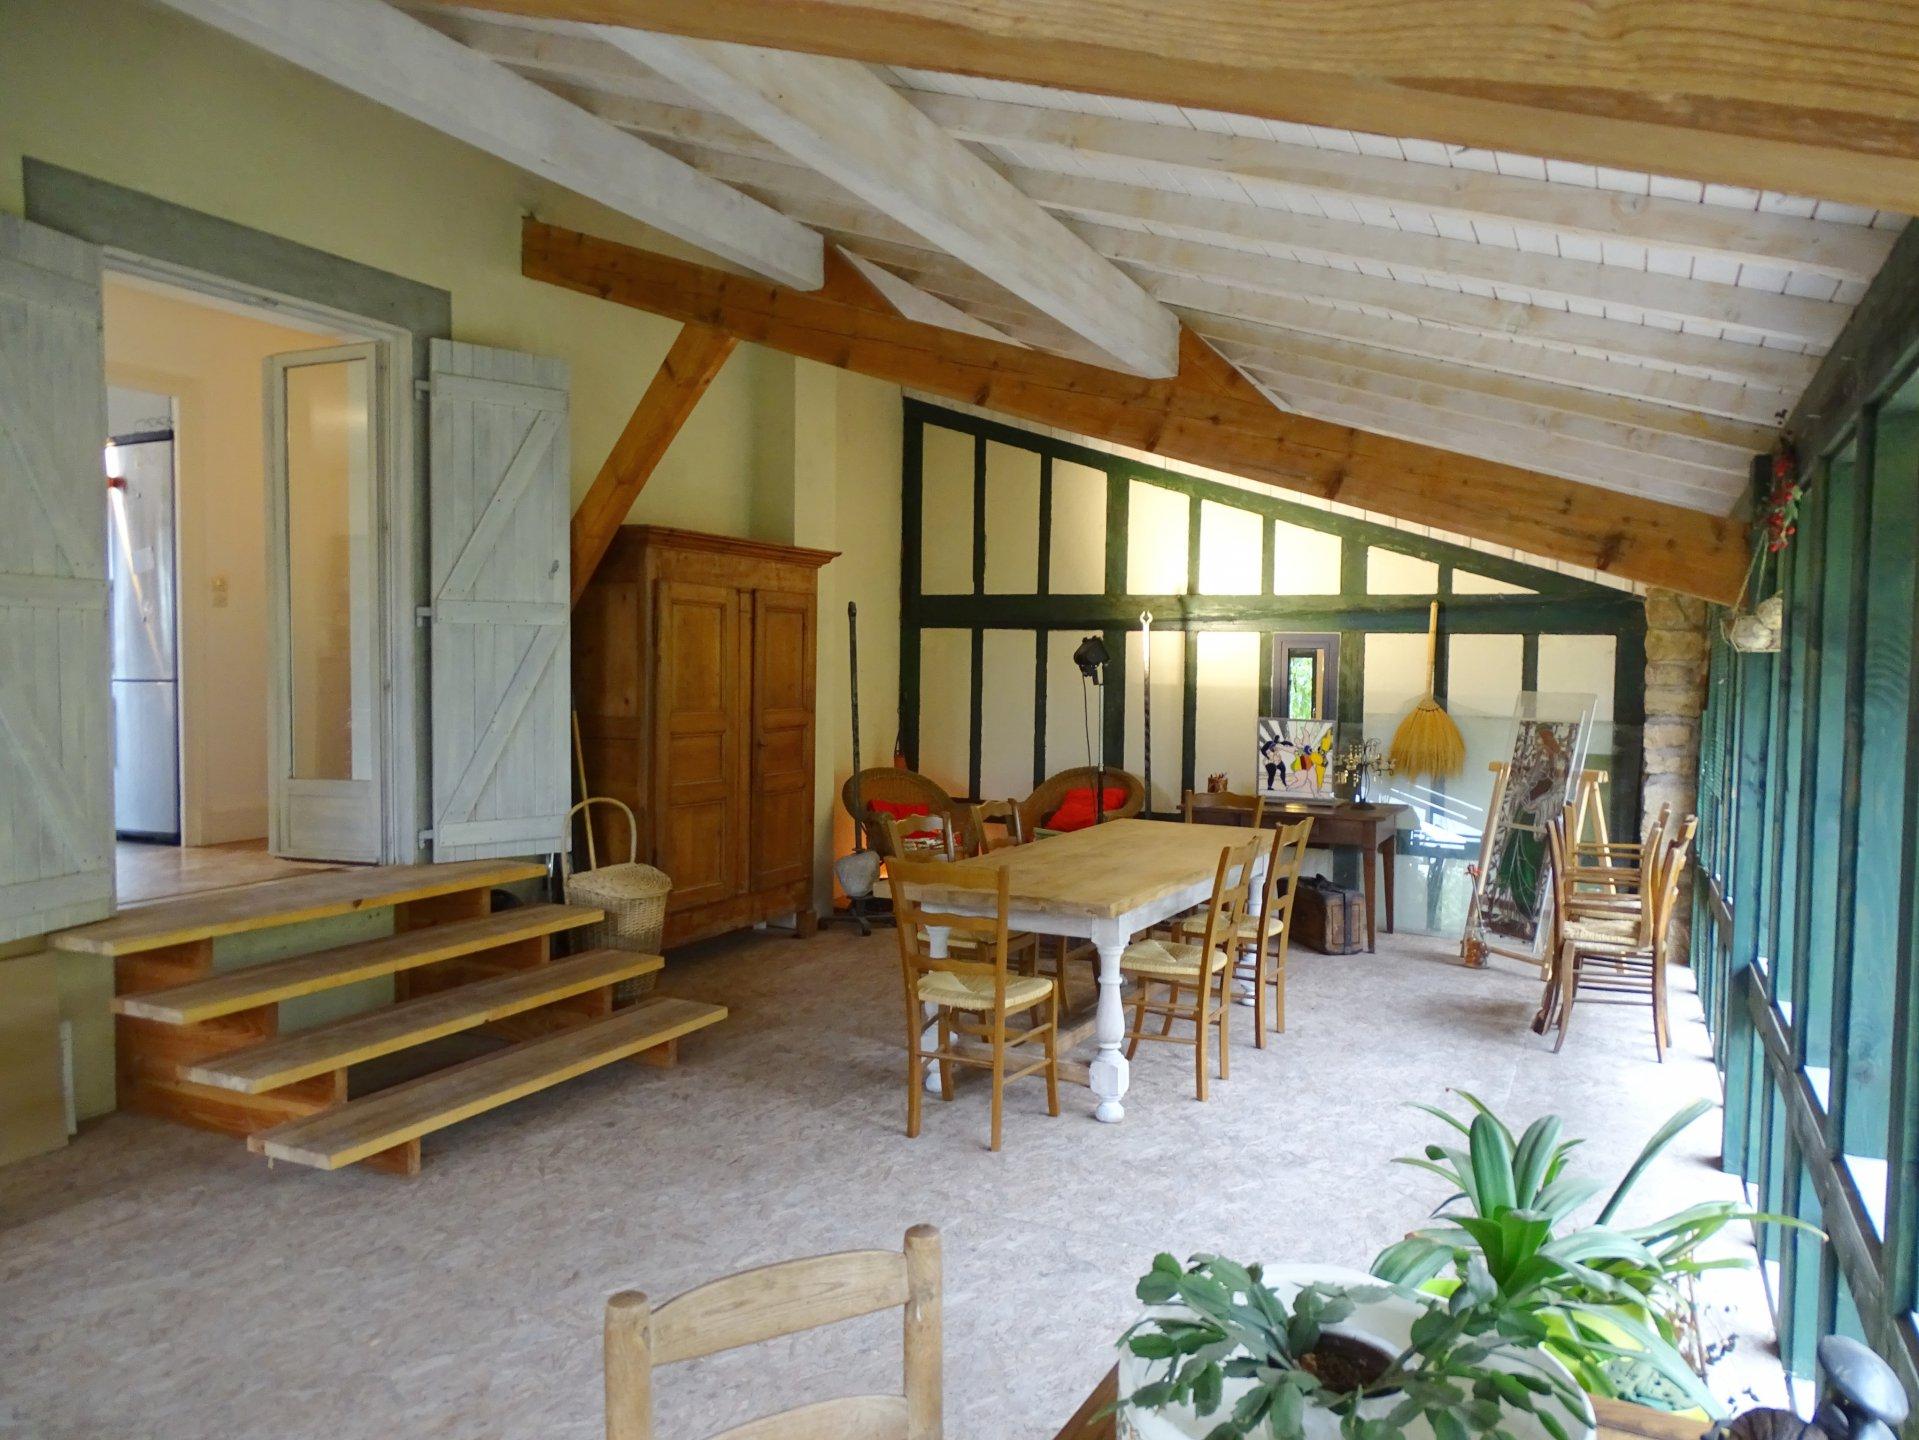 Mâcon, proche des commerces et écoles, venez découvrir cette belle maison rénovée offrant une surface habitable de 150 m² environ. Elle dispose d'une agréable pièce de vie, une cuisine équipée, 3 chambres, une salle d'eau, toilette ainsi qu'une grande terrasse de 50 m² à l'étage. Au rez-de-chaussée, vous trouverez deux appartements de 31.5 m² et 36 m² (possibilité de les réunir). Ils disposent d'une chambre, une salle d'eau, toilette, ainsi qu'une cuisine/kitchenette. Aucun travaux à prévoir, prestations de qualités: panneaux solaires, chaudière gaz à condensation, faibles consommations énergétiques, double vitrage, toiture de 2007, isolation des combles etc... Honoraire à la charge du vendeur.